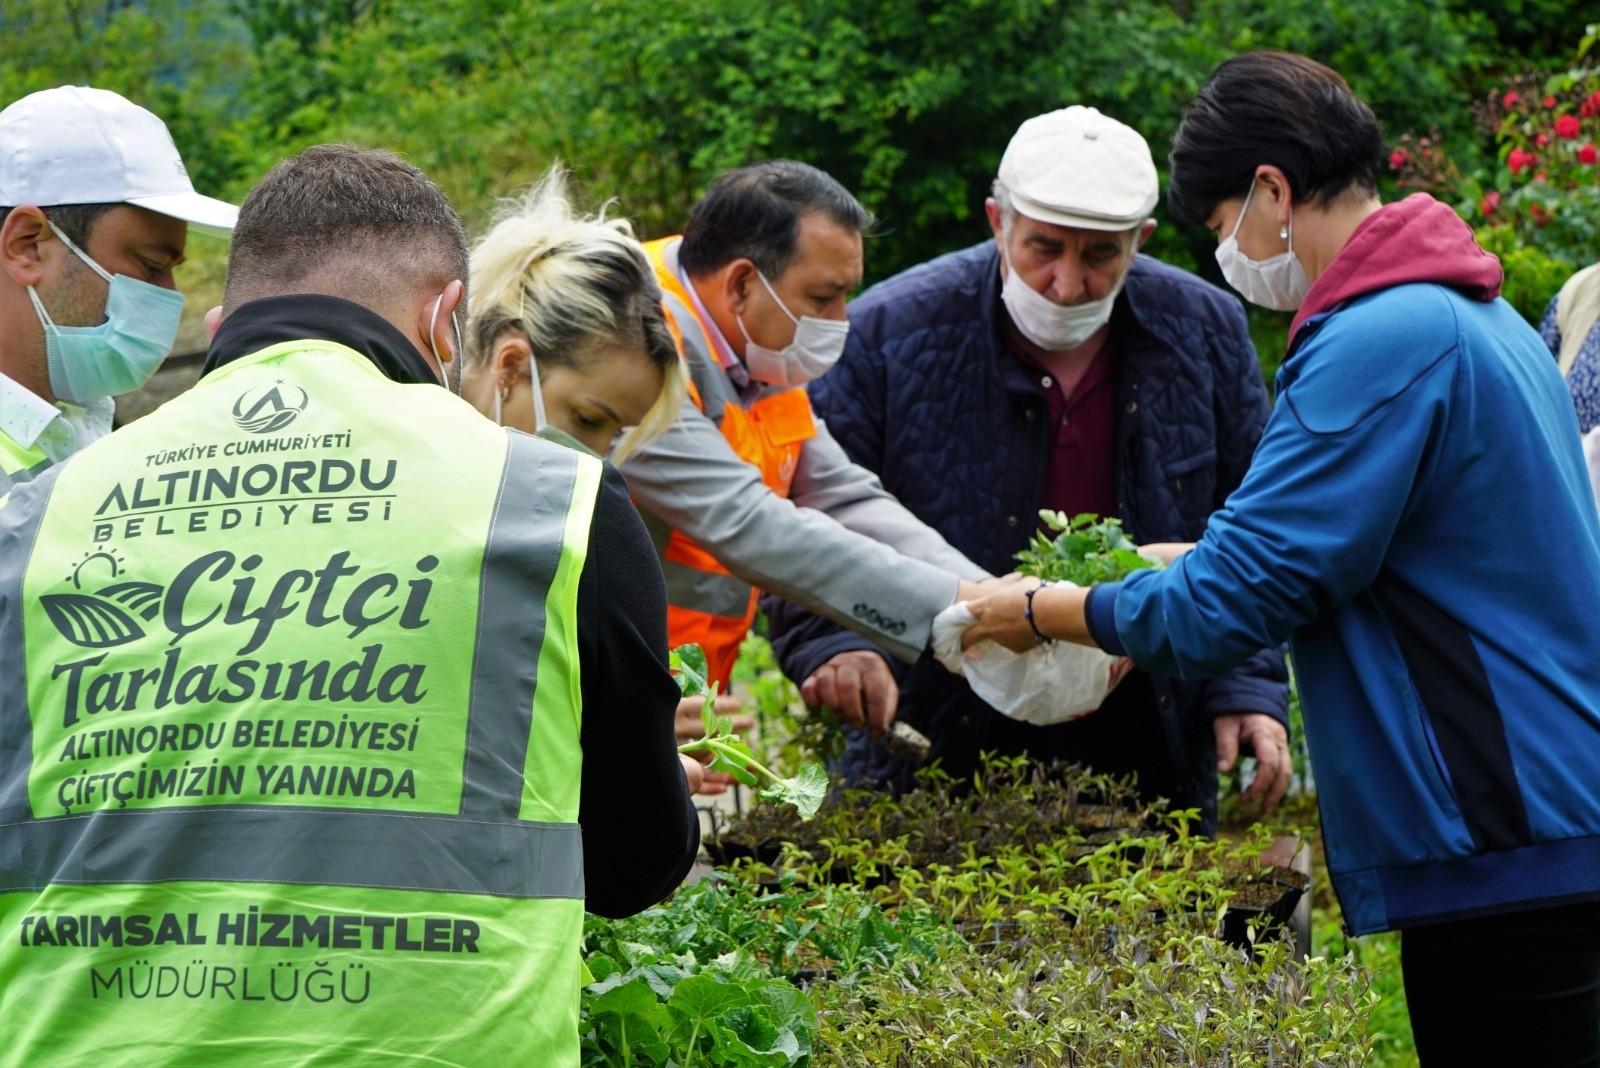 Altınordu Belediyesi, 108 bin adet ücretsiz sebze fidesi dağıttı